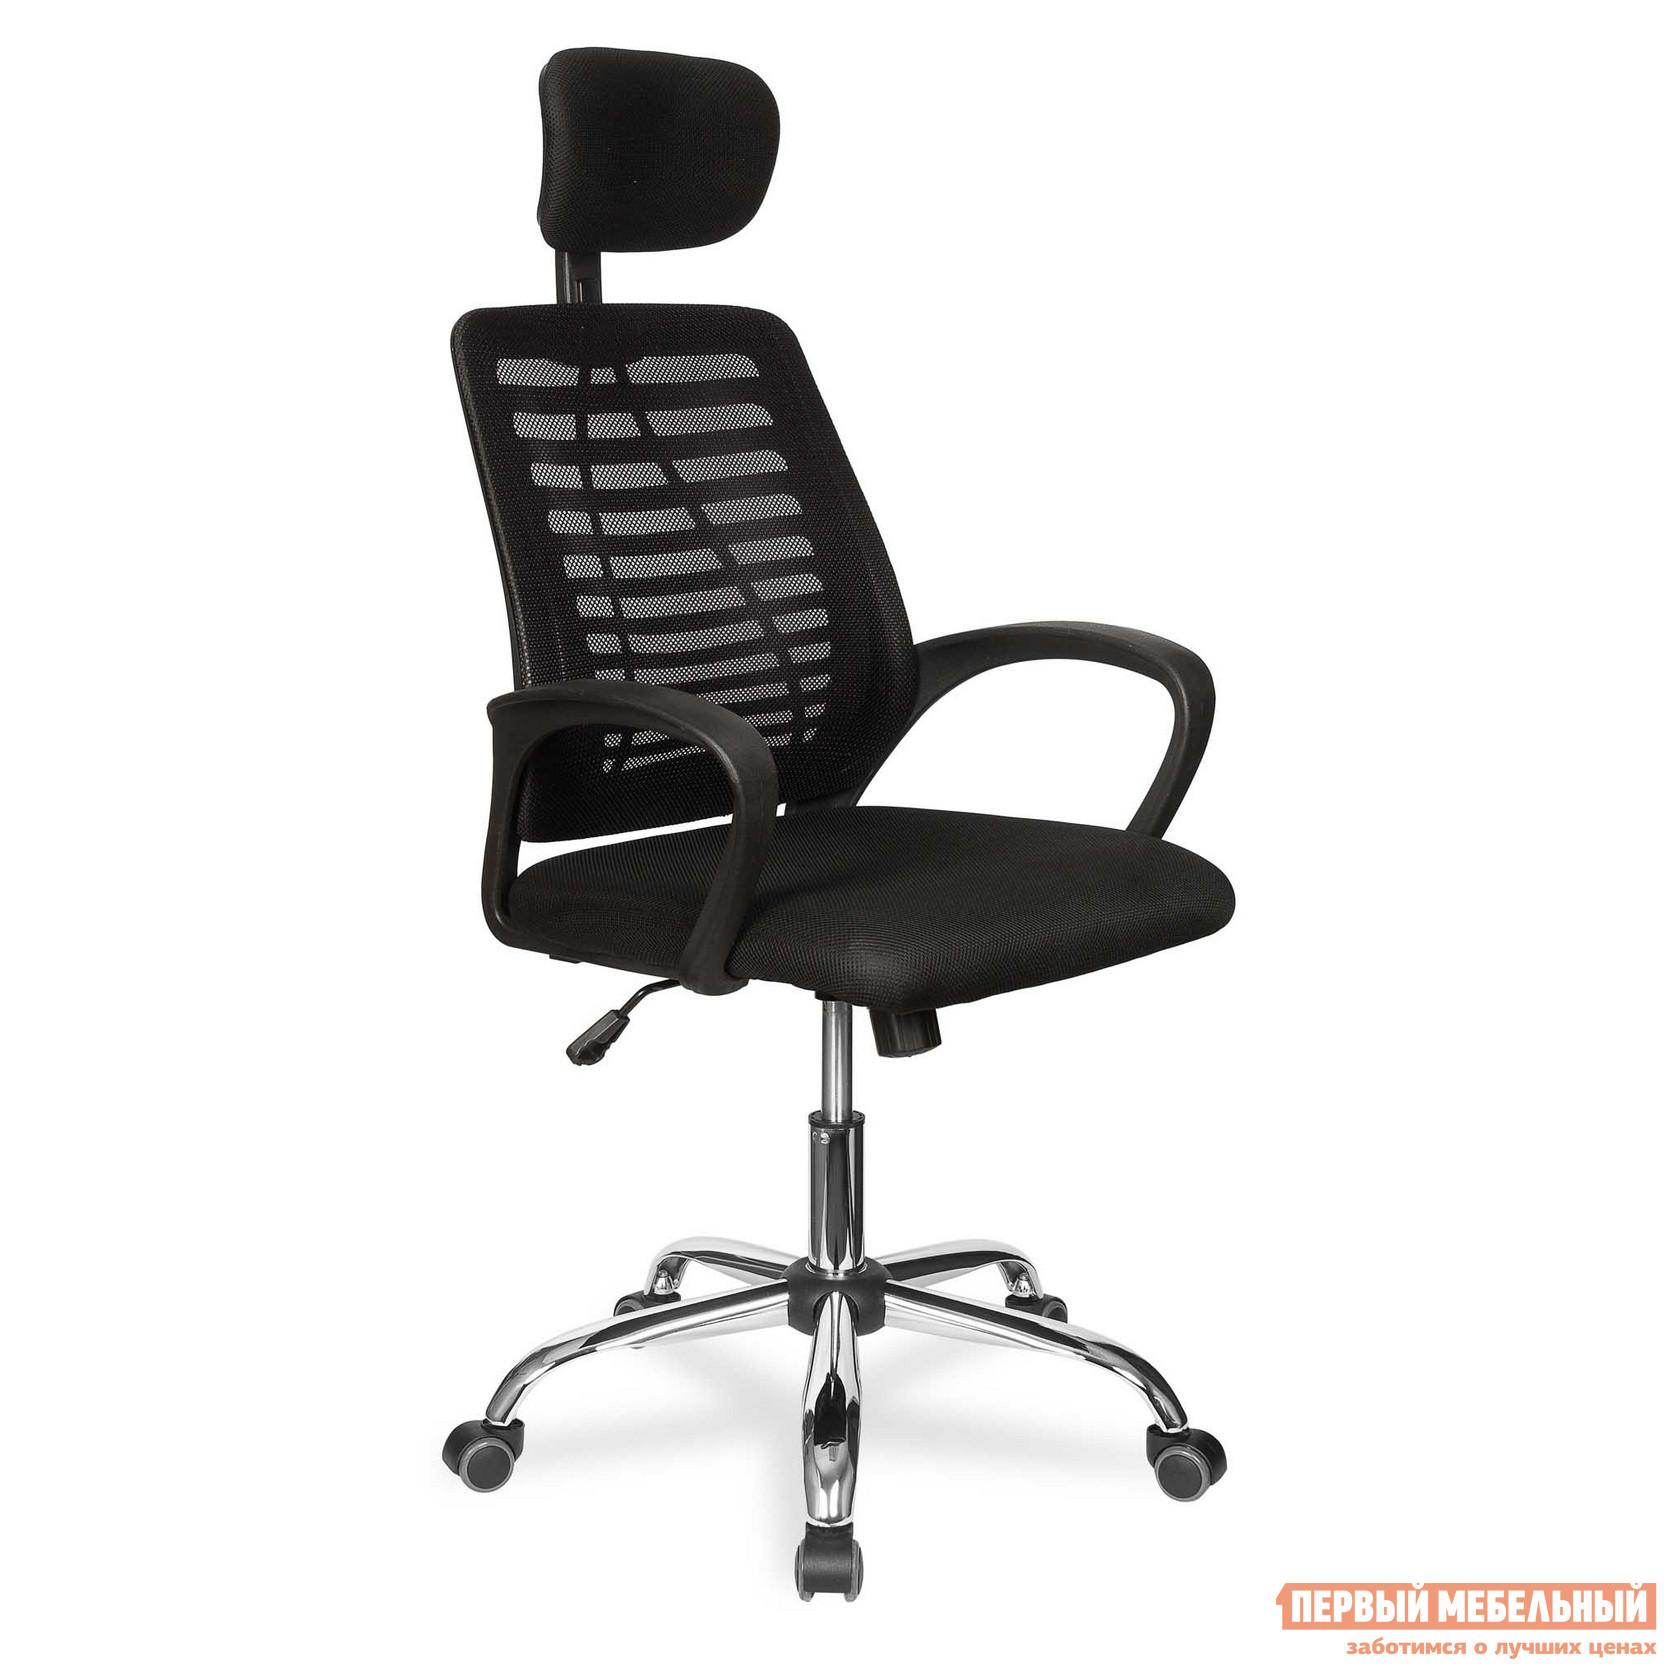 Офисное кресло College Кресло CLG-422 MXH кресло офисное college h 8369f